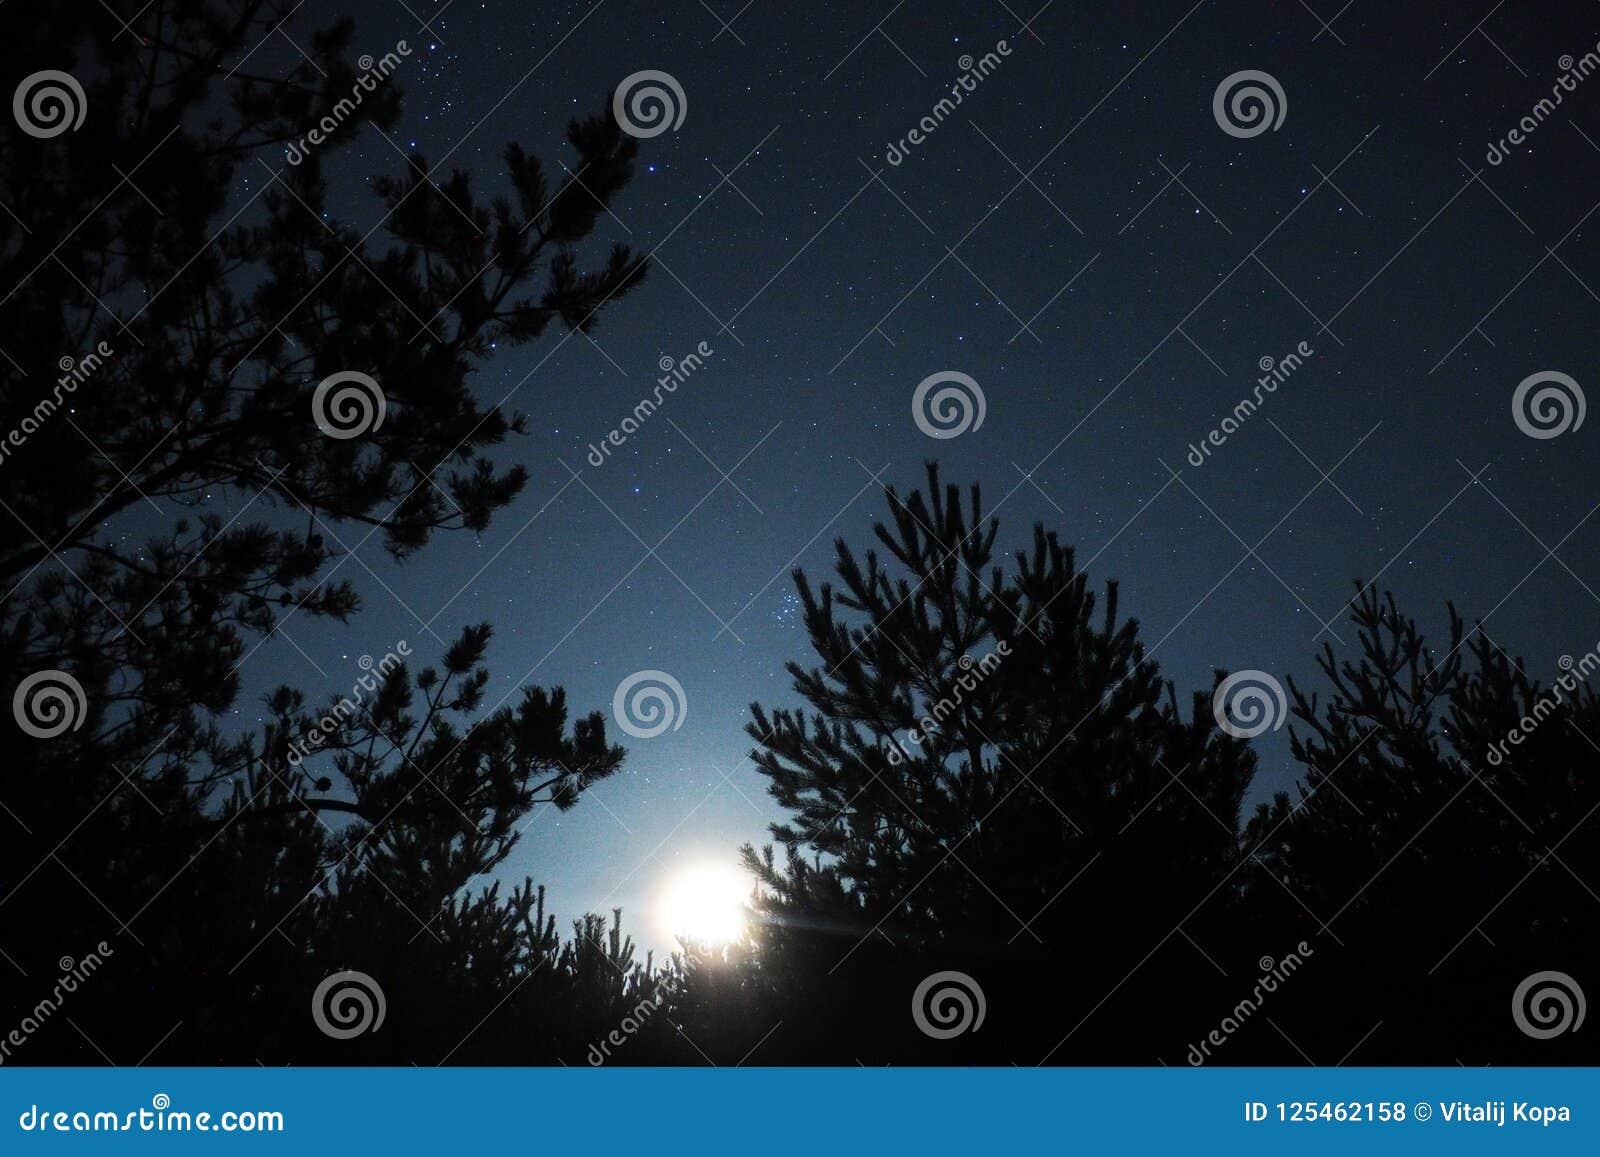 Звезды ночного неба, свет луны и наблюдать Pleiades